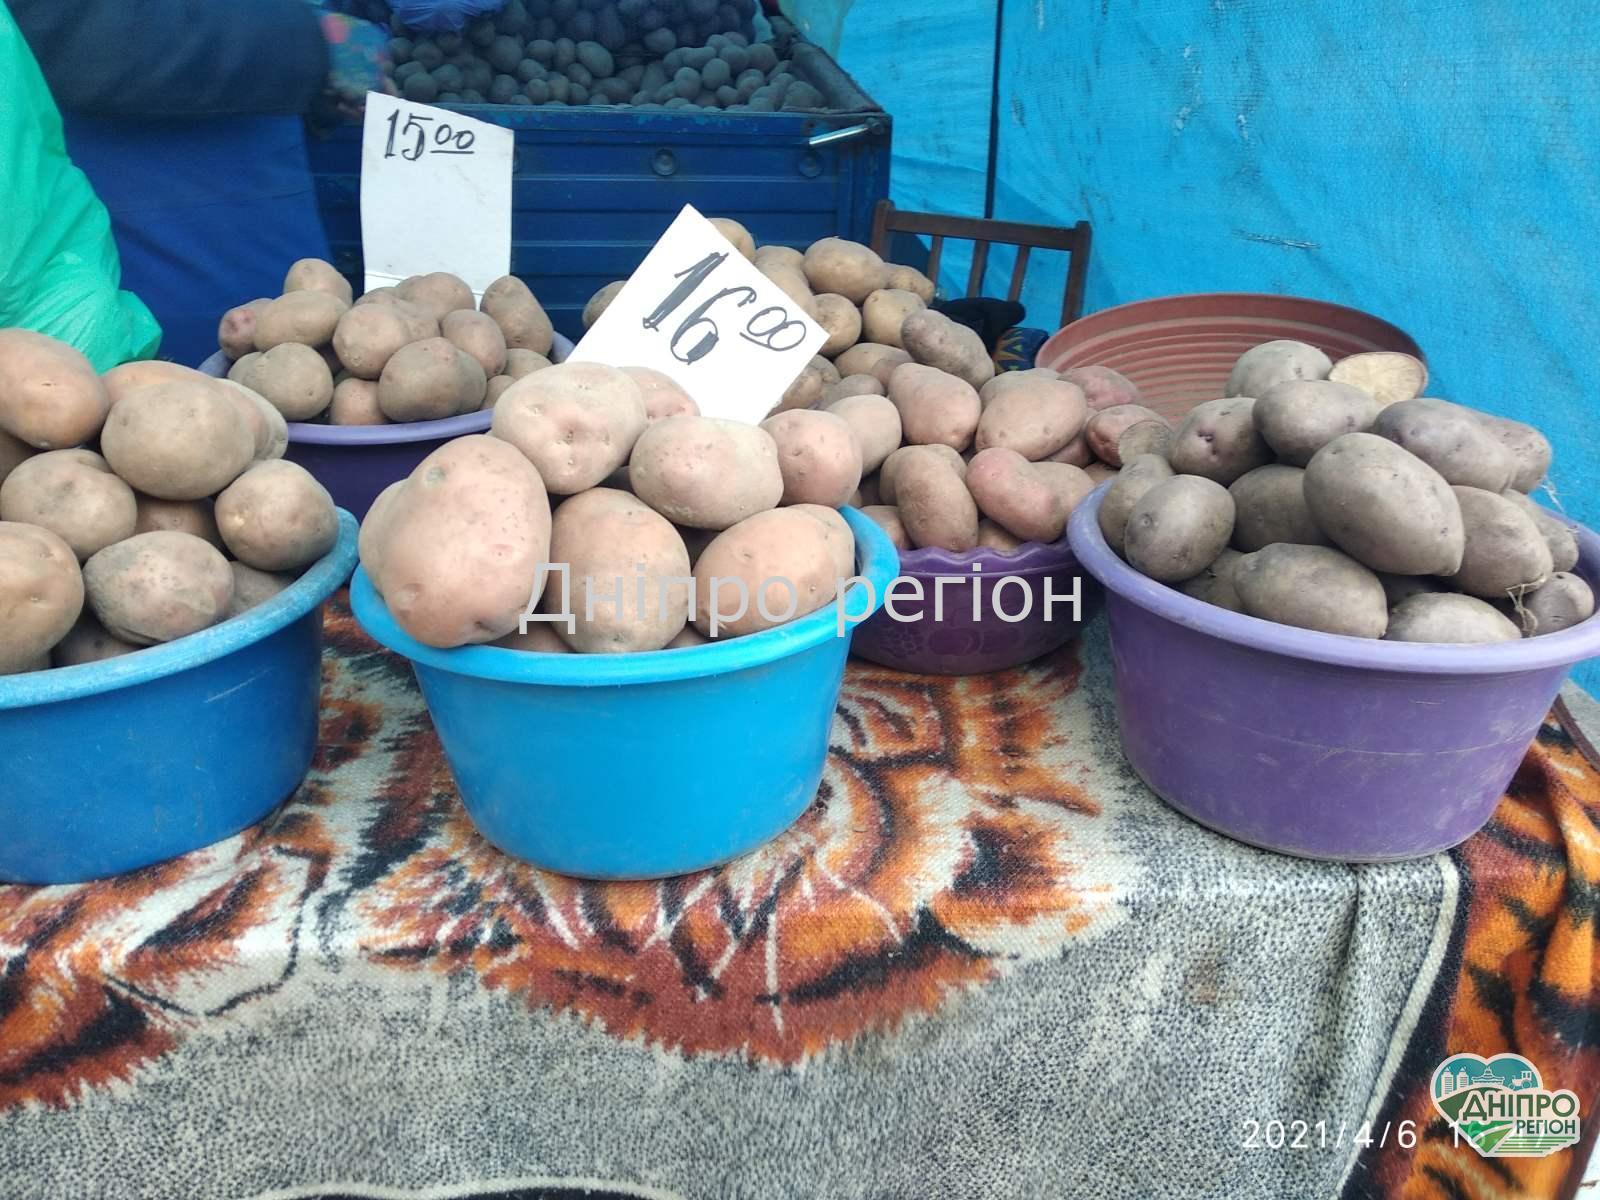 В Україні впали ціни на картоплю: скільки можна зекономити